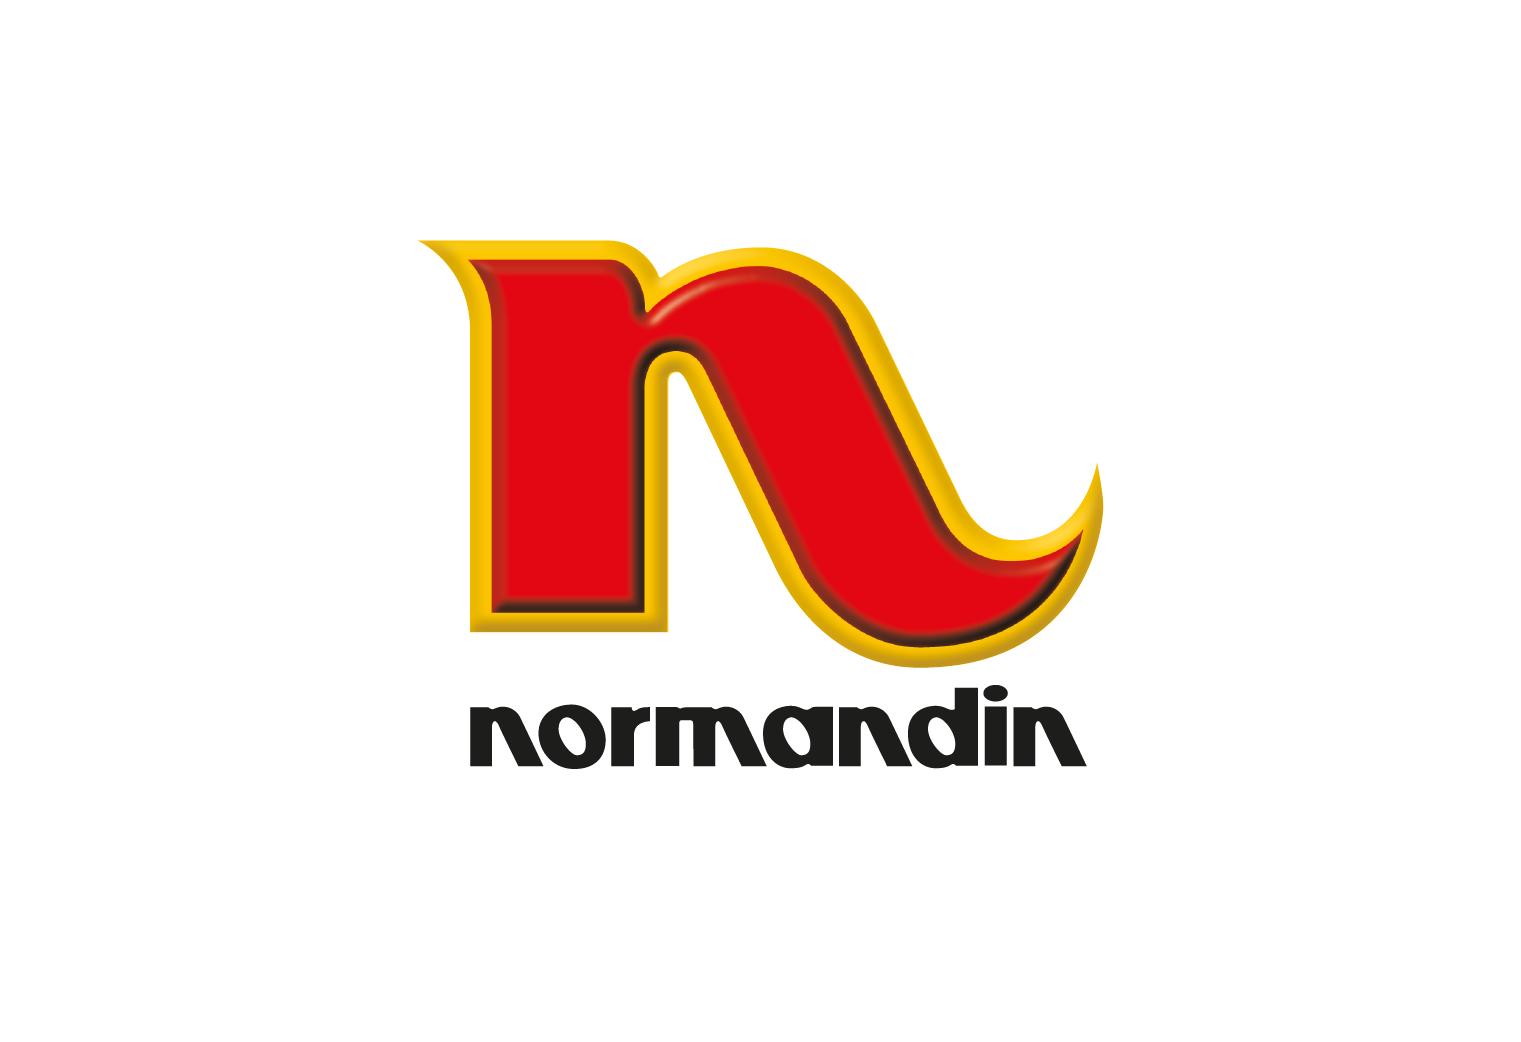 logos wordpress mobilis-14